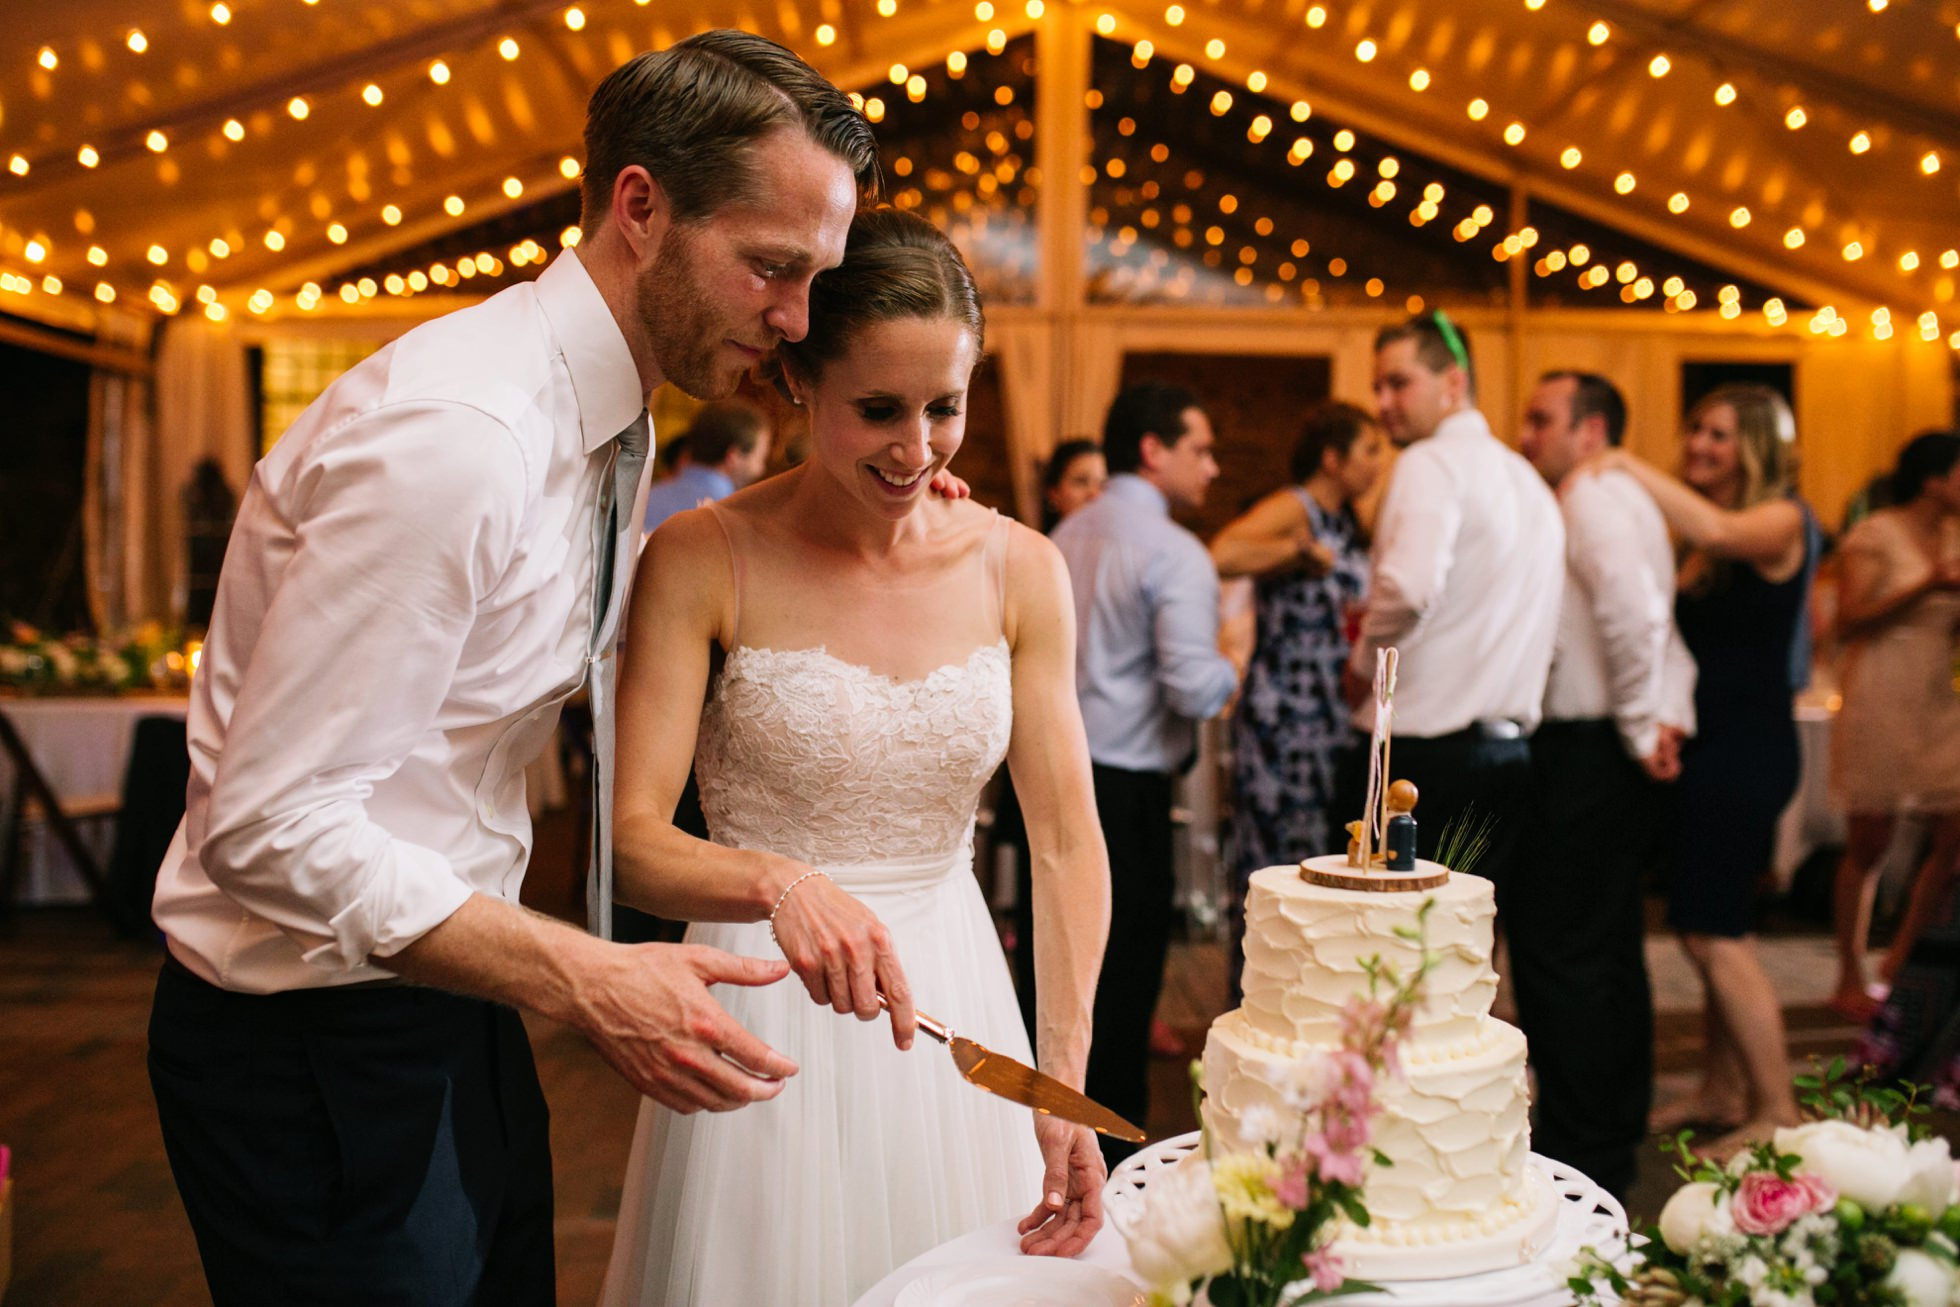 Romantic Bartram's Garden Outdoor Summer Wedding, Philadelphia | brittneyraine.com 104